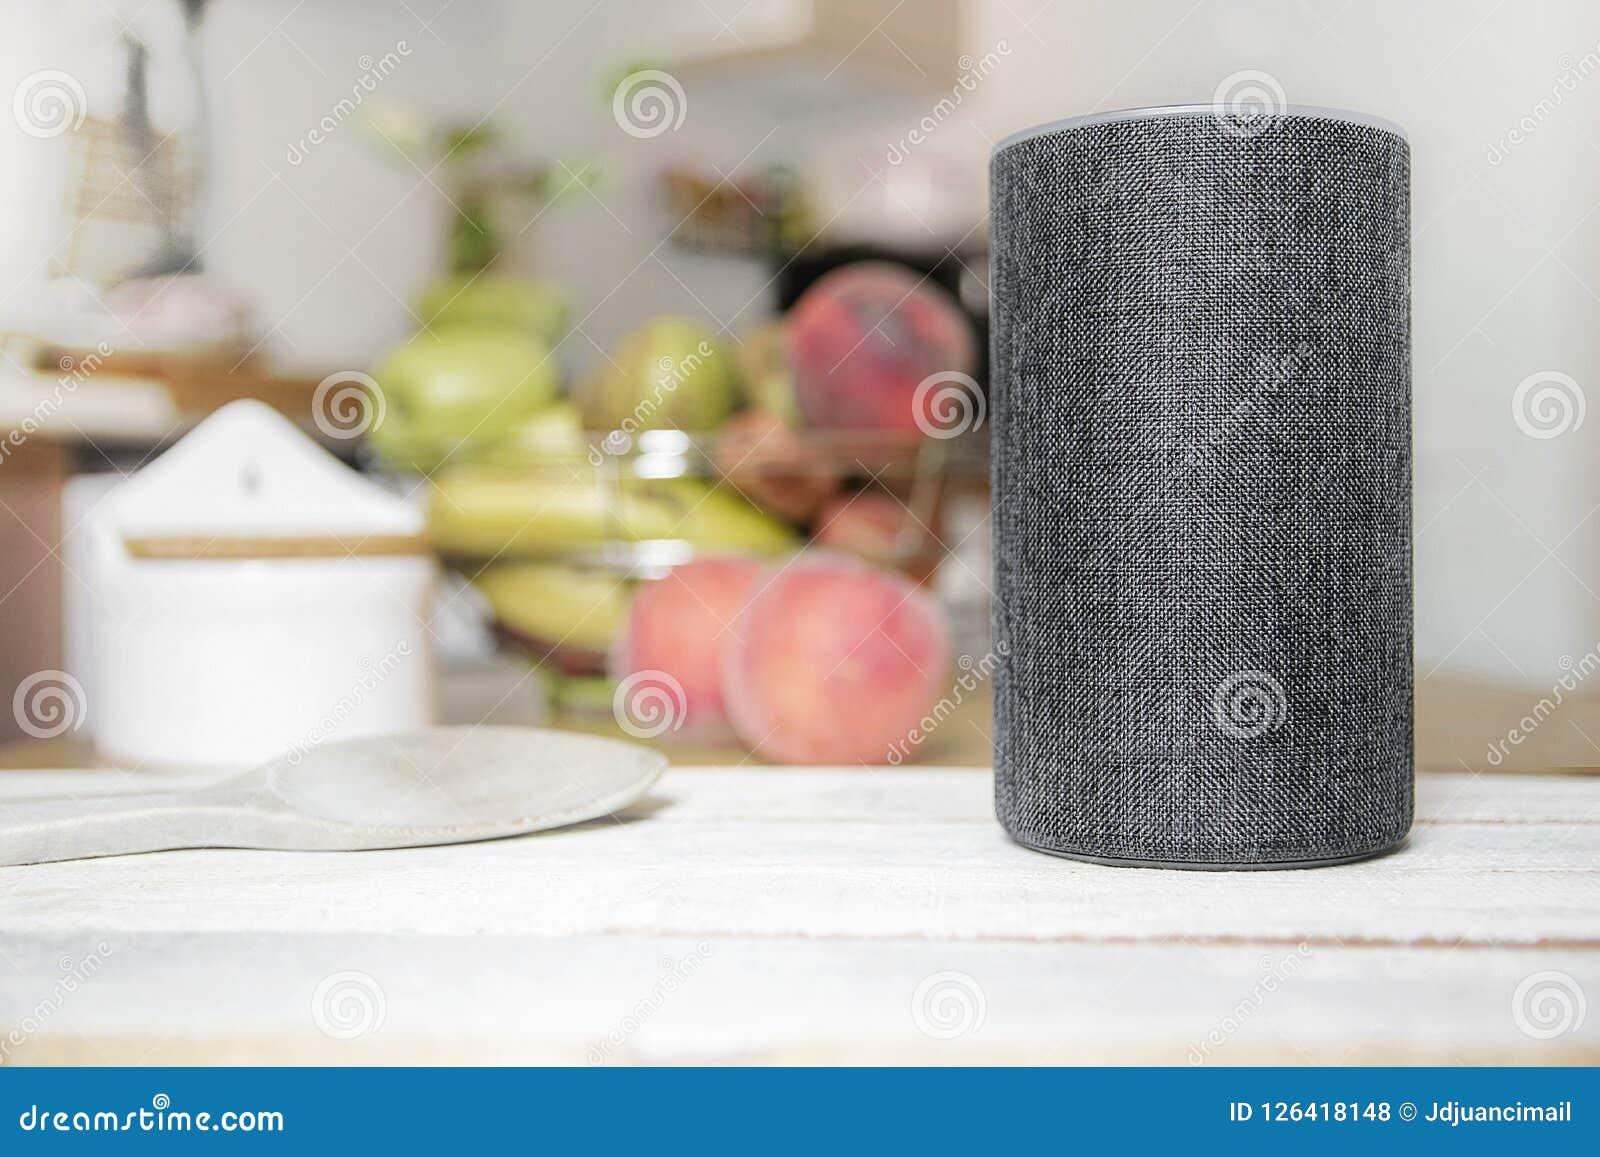 De persoonlijke medewerker sloot luidspreker op een houten lijst in een Slim Huis in een keuken aan Daarna, wat werktuigen, voeds